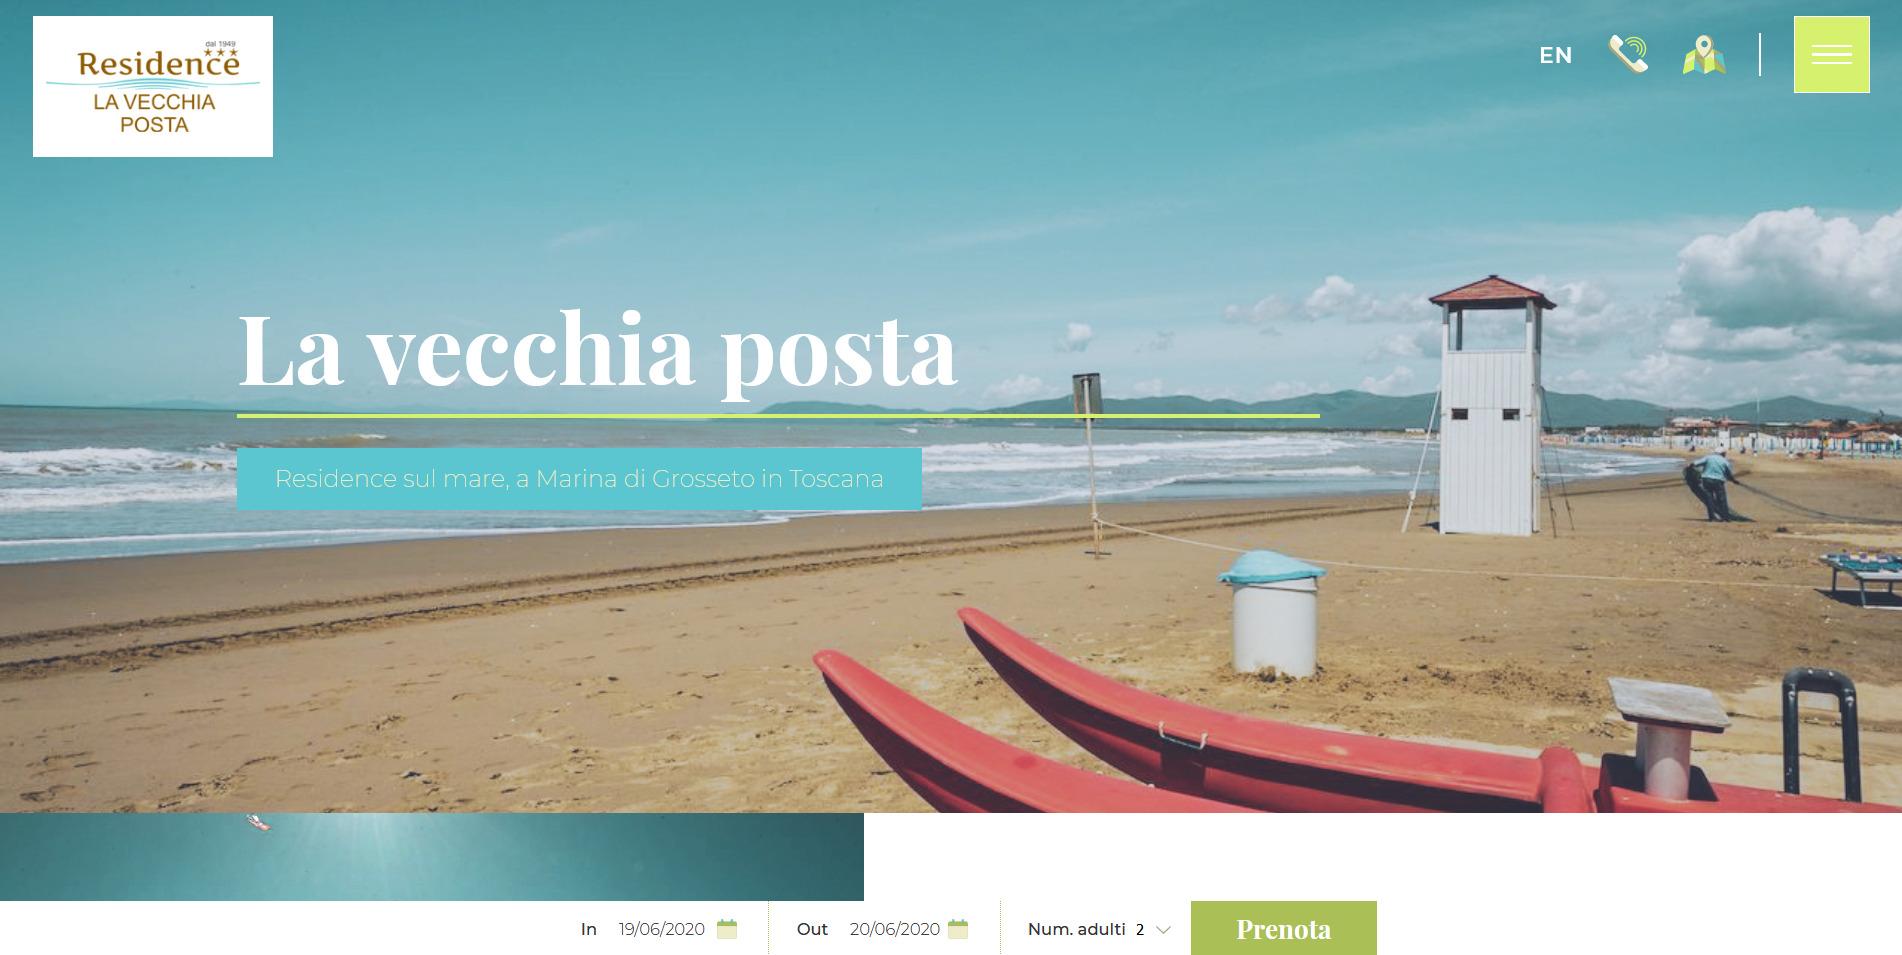 Screenshot 2020 06 19 La vecchia posta Residence sul mare a Marina di Grosseto in Toscana